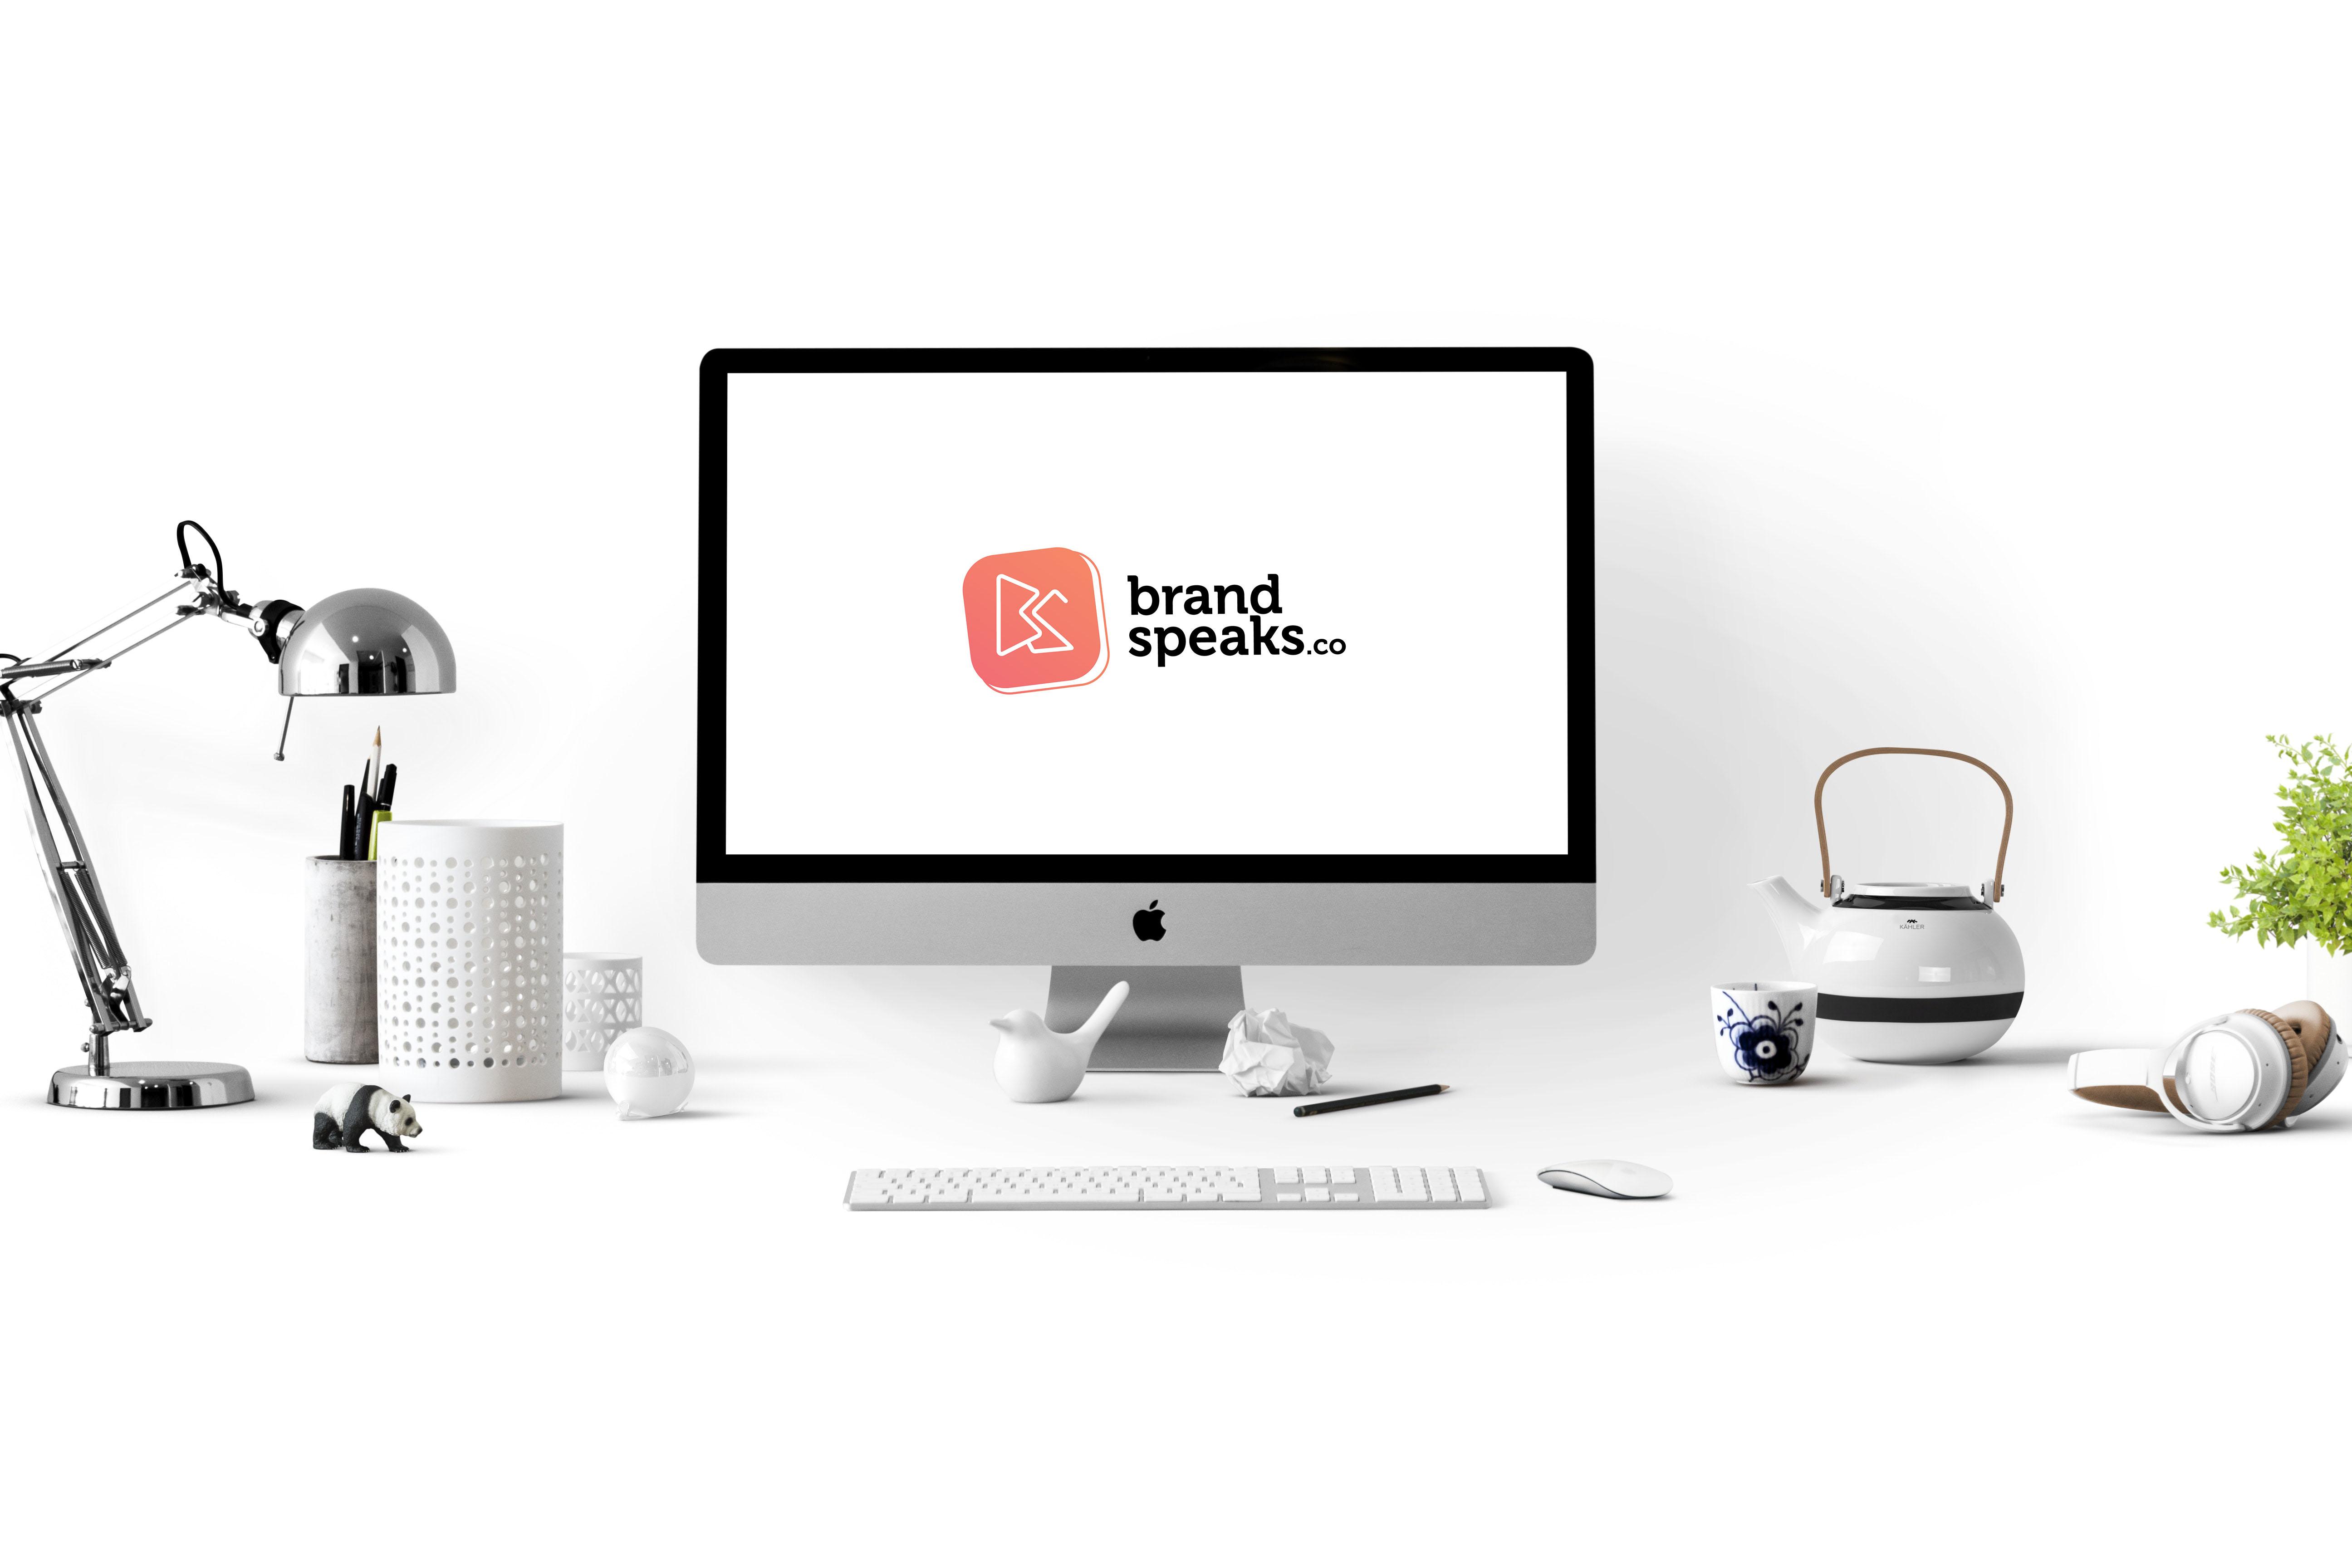 BrandSpeaks.co